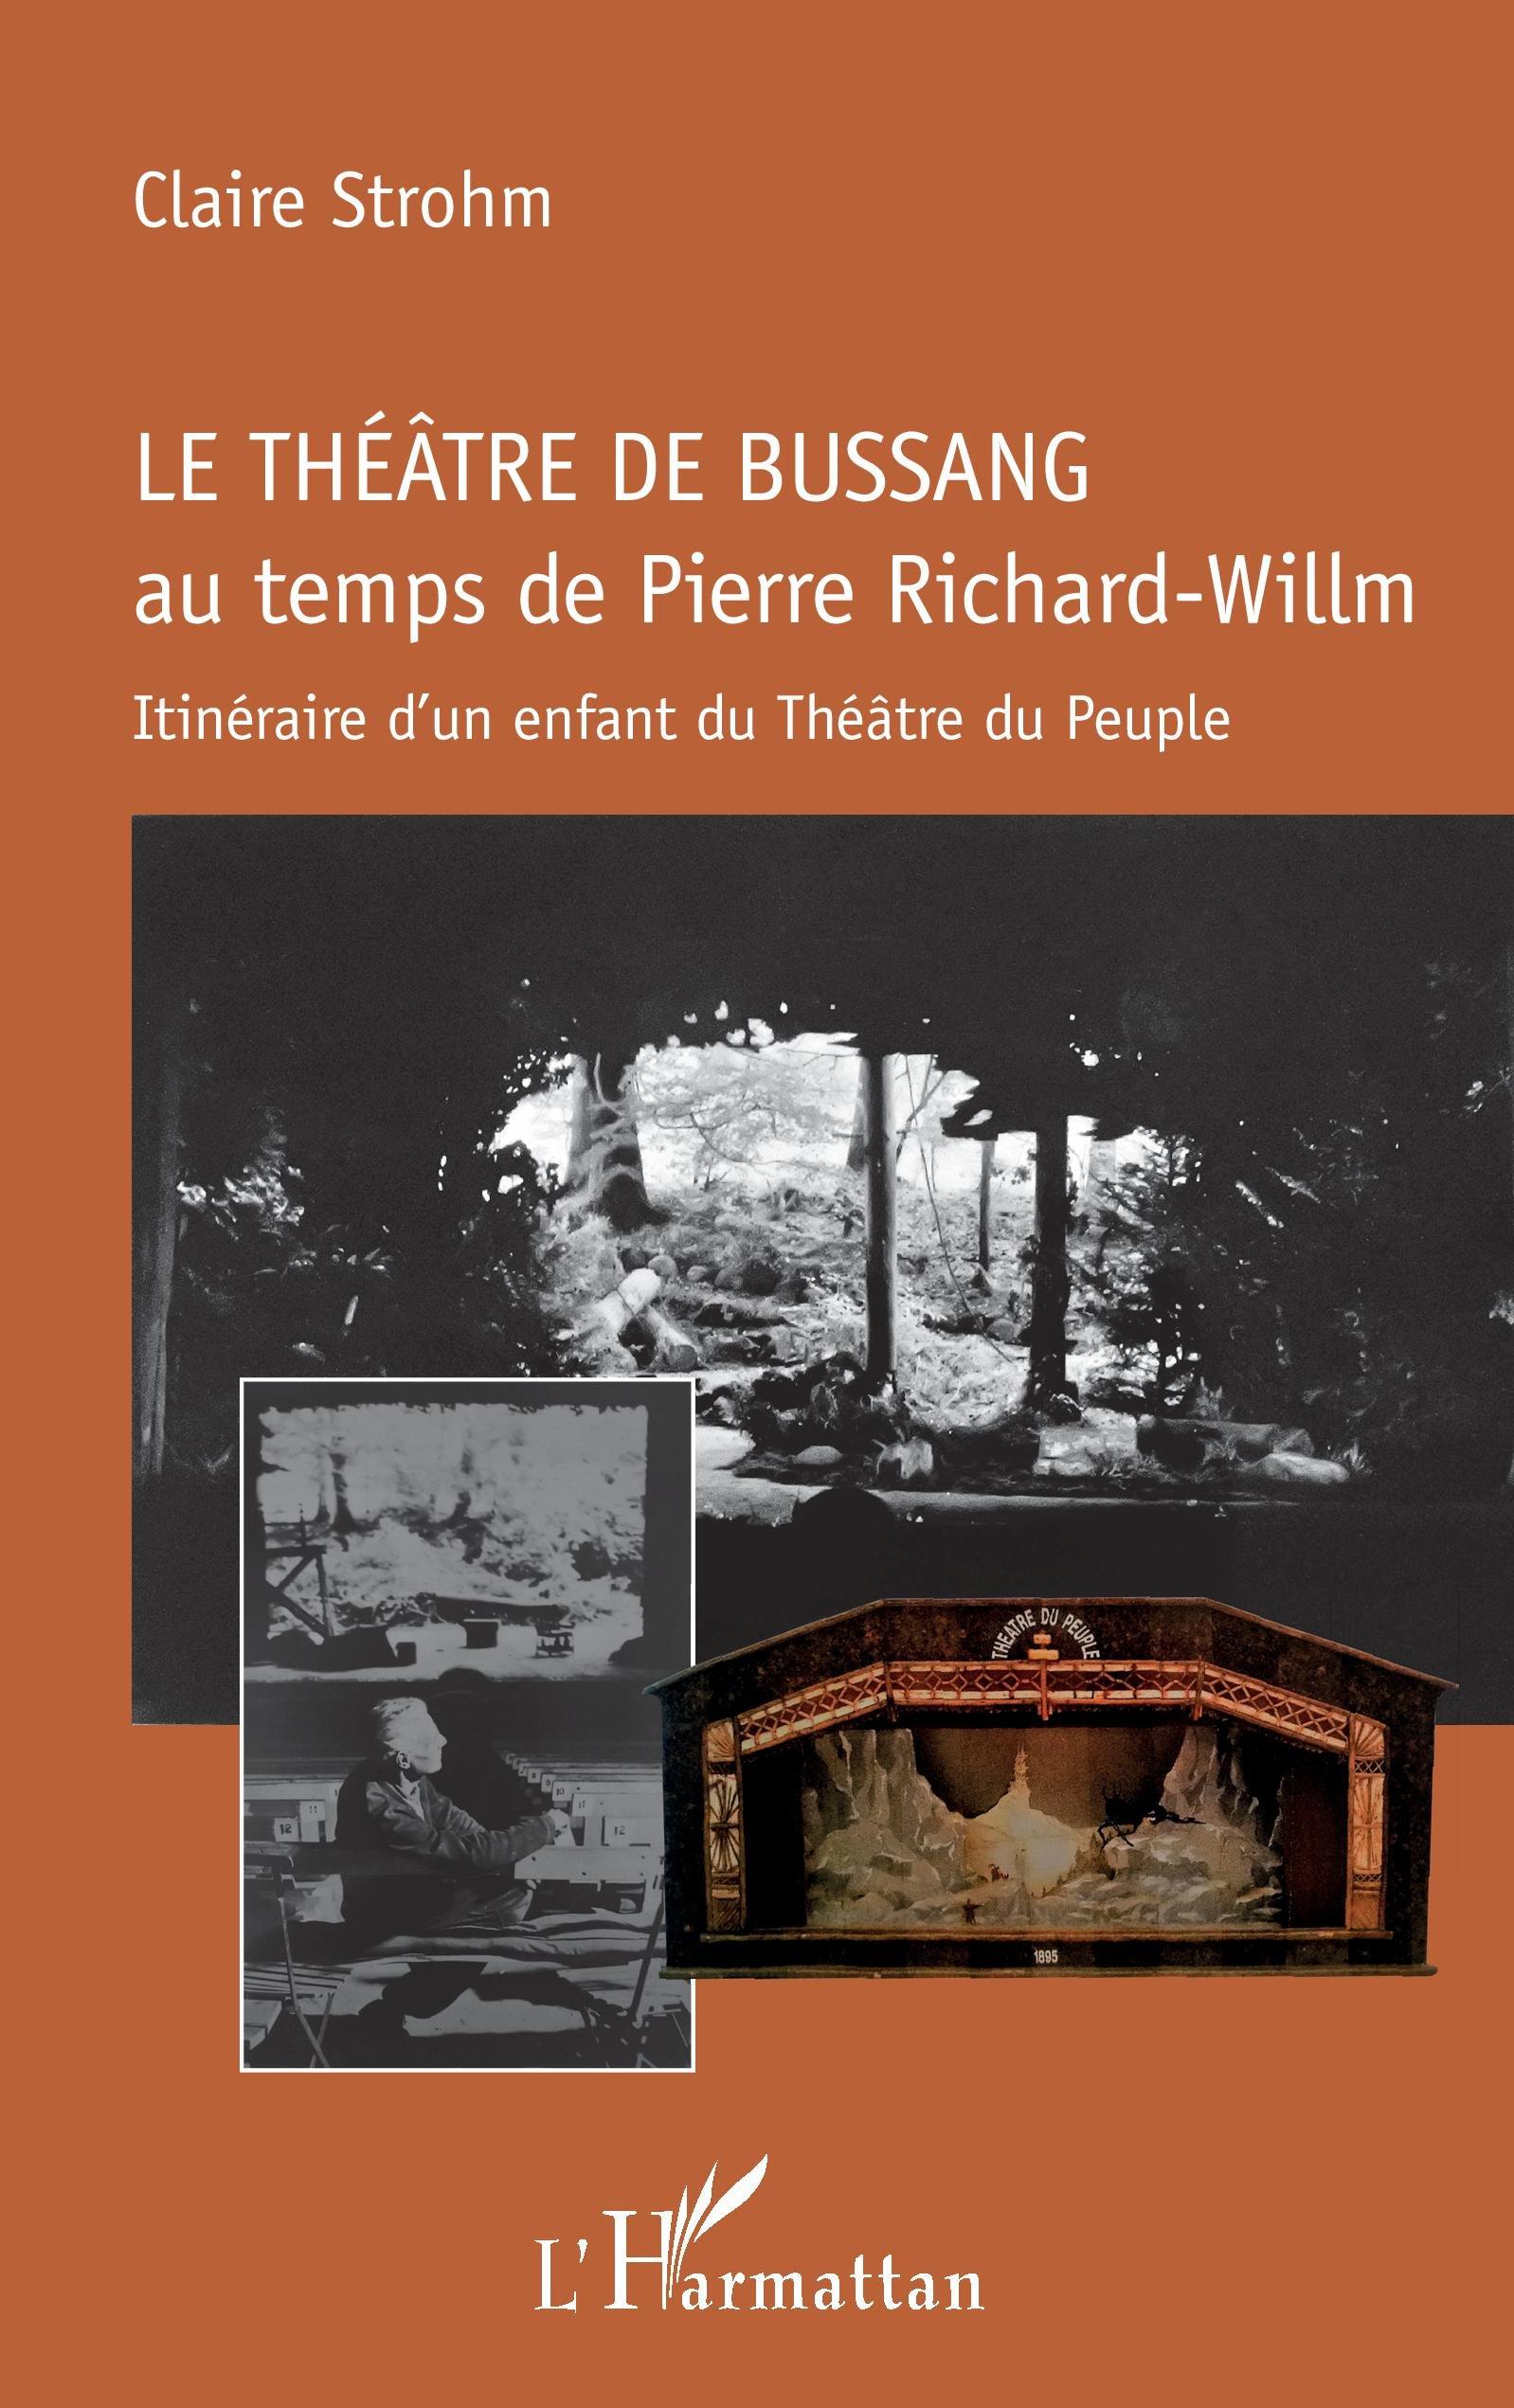 Le théâtre de Bussang au temps de Pierre Richard-Willm: Itinéraire d'un enfant du Théâtre du Peuple (French Edition) pdf